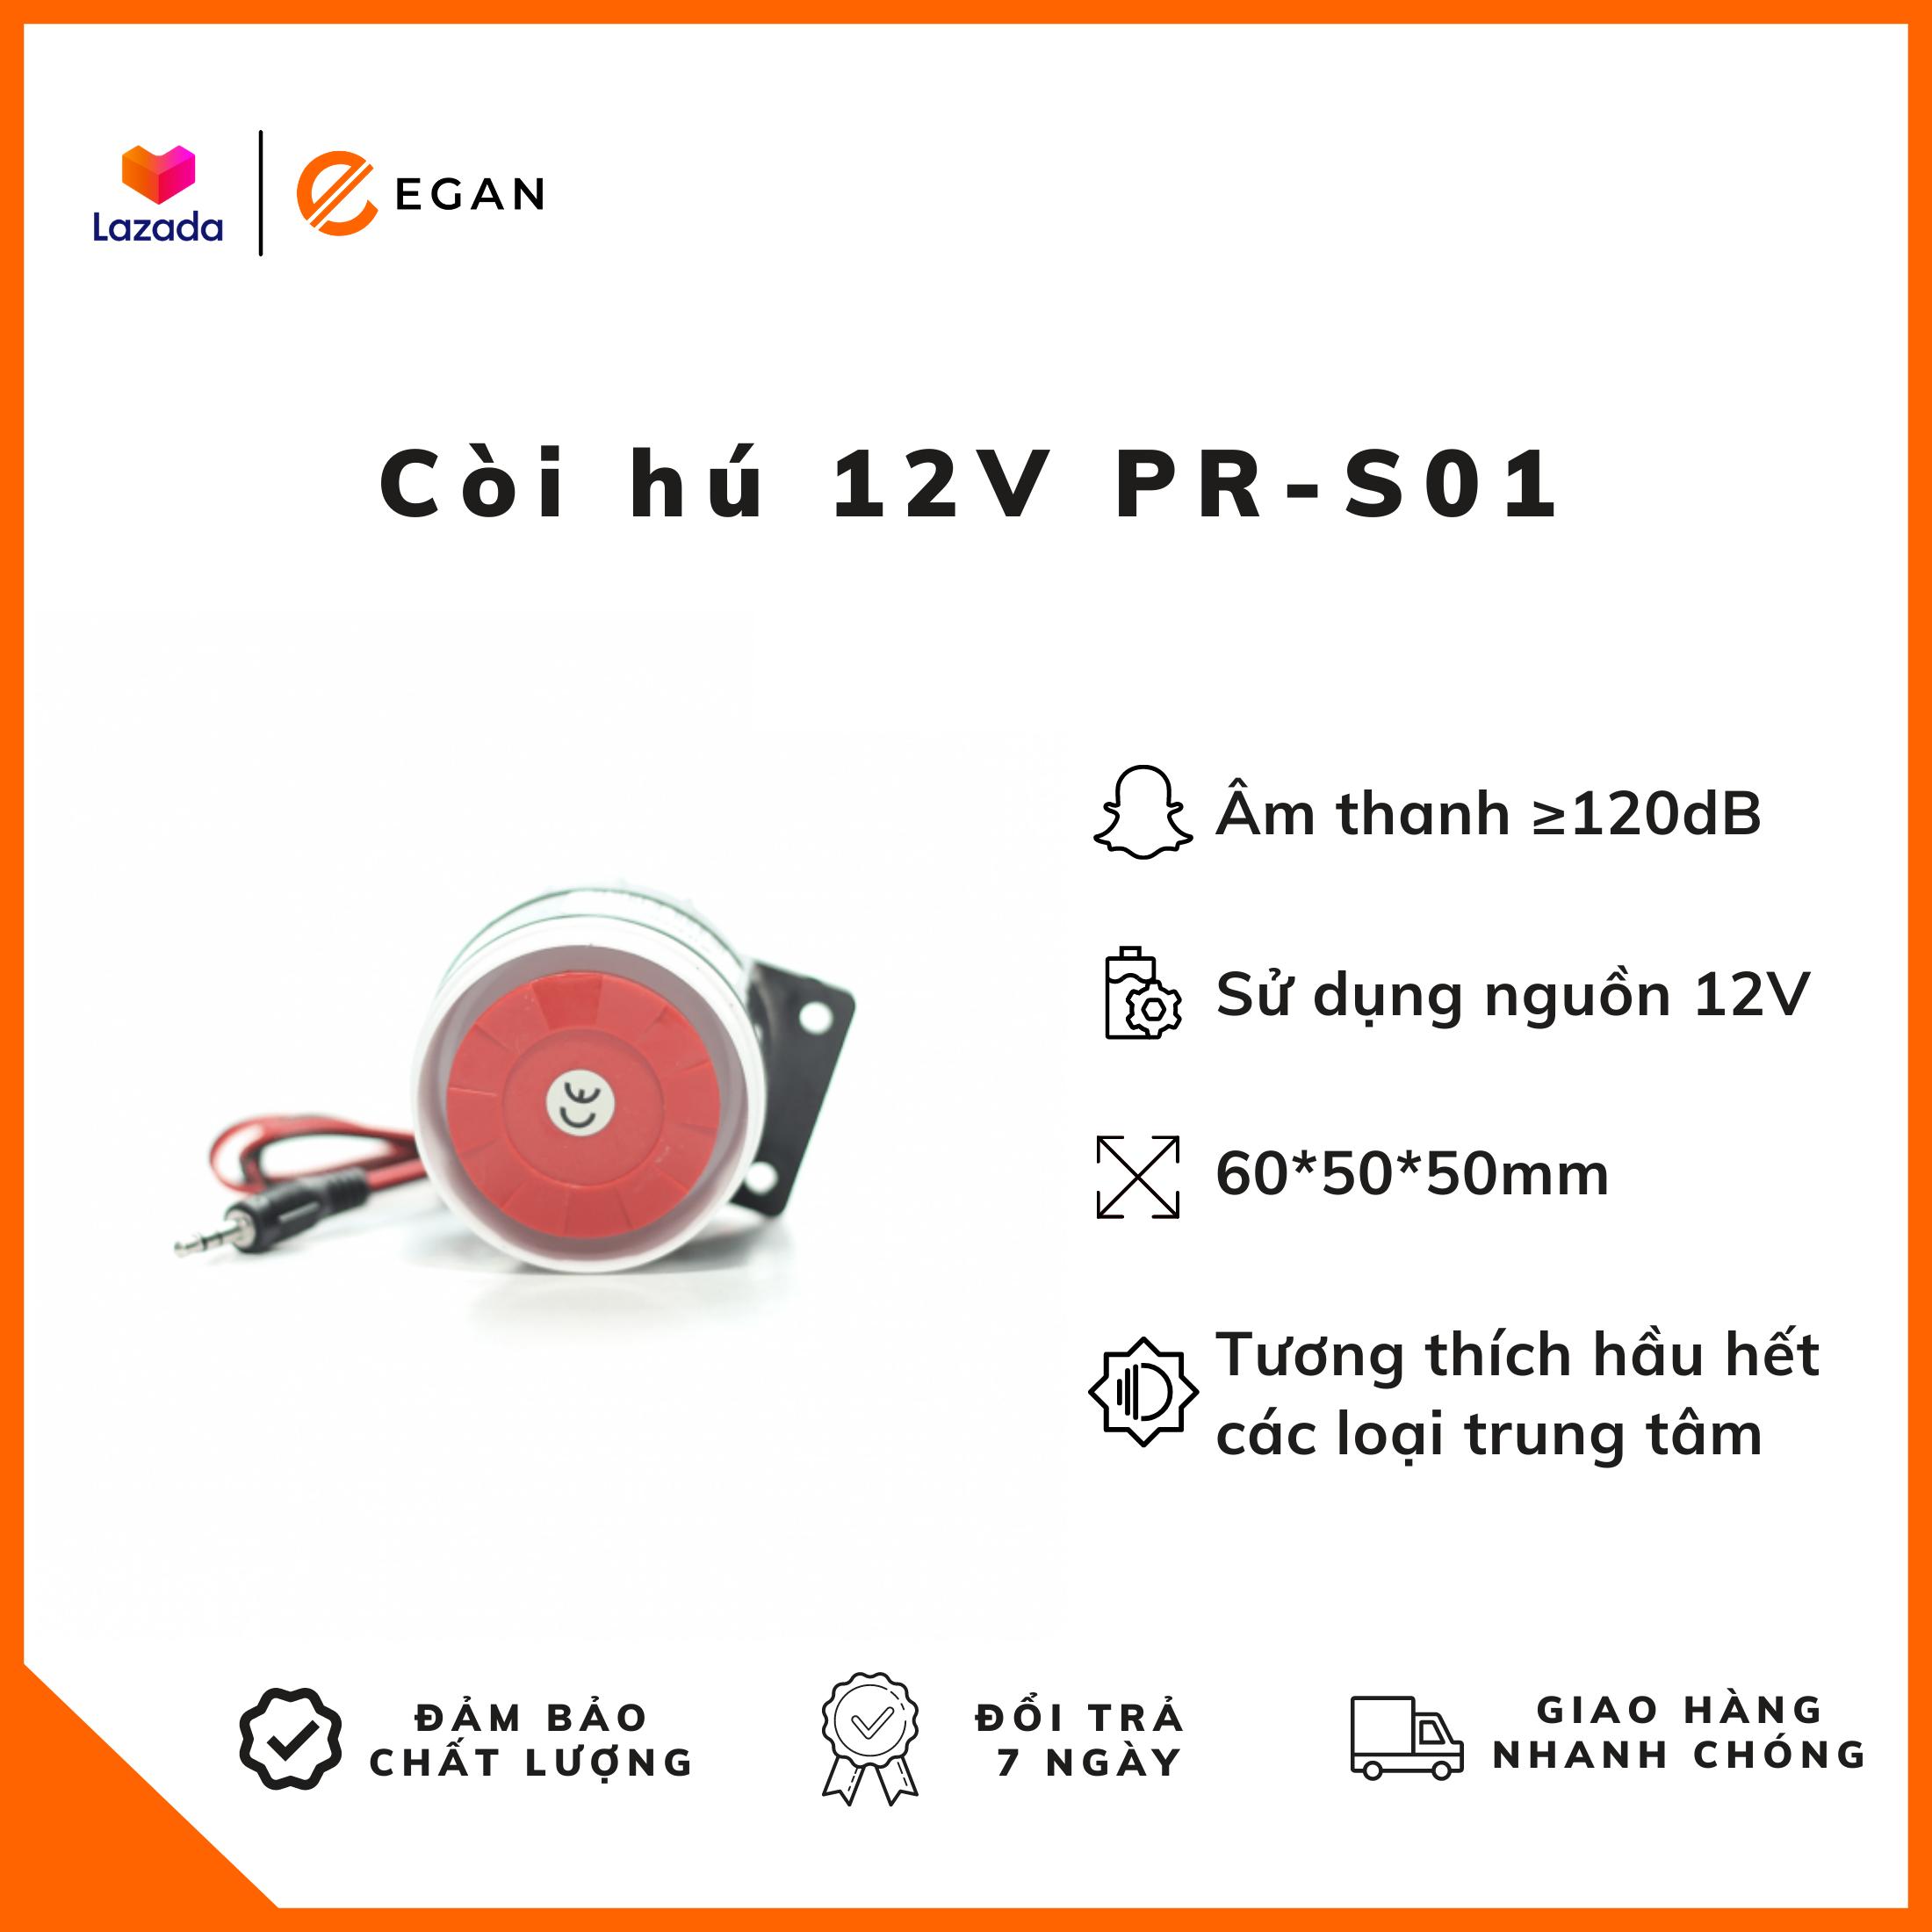 Còi hú chống trộm 12V PR-S01 – Âm báo ≥ 120Db, sử dụng nguồn 12V, tương thích hầu hết các loại trung tâm, kích thước 60*50*50mm